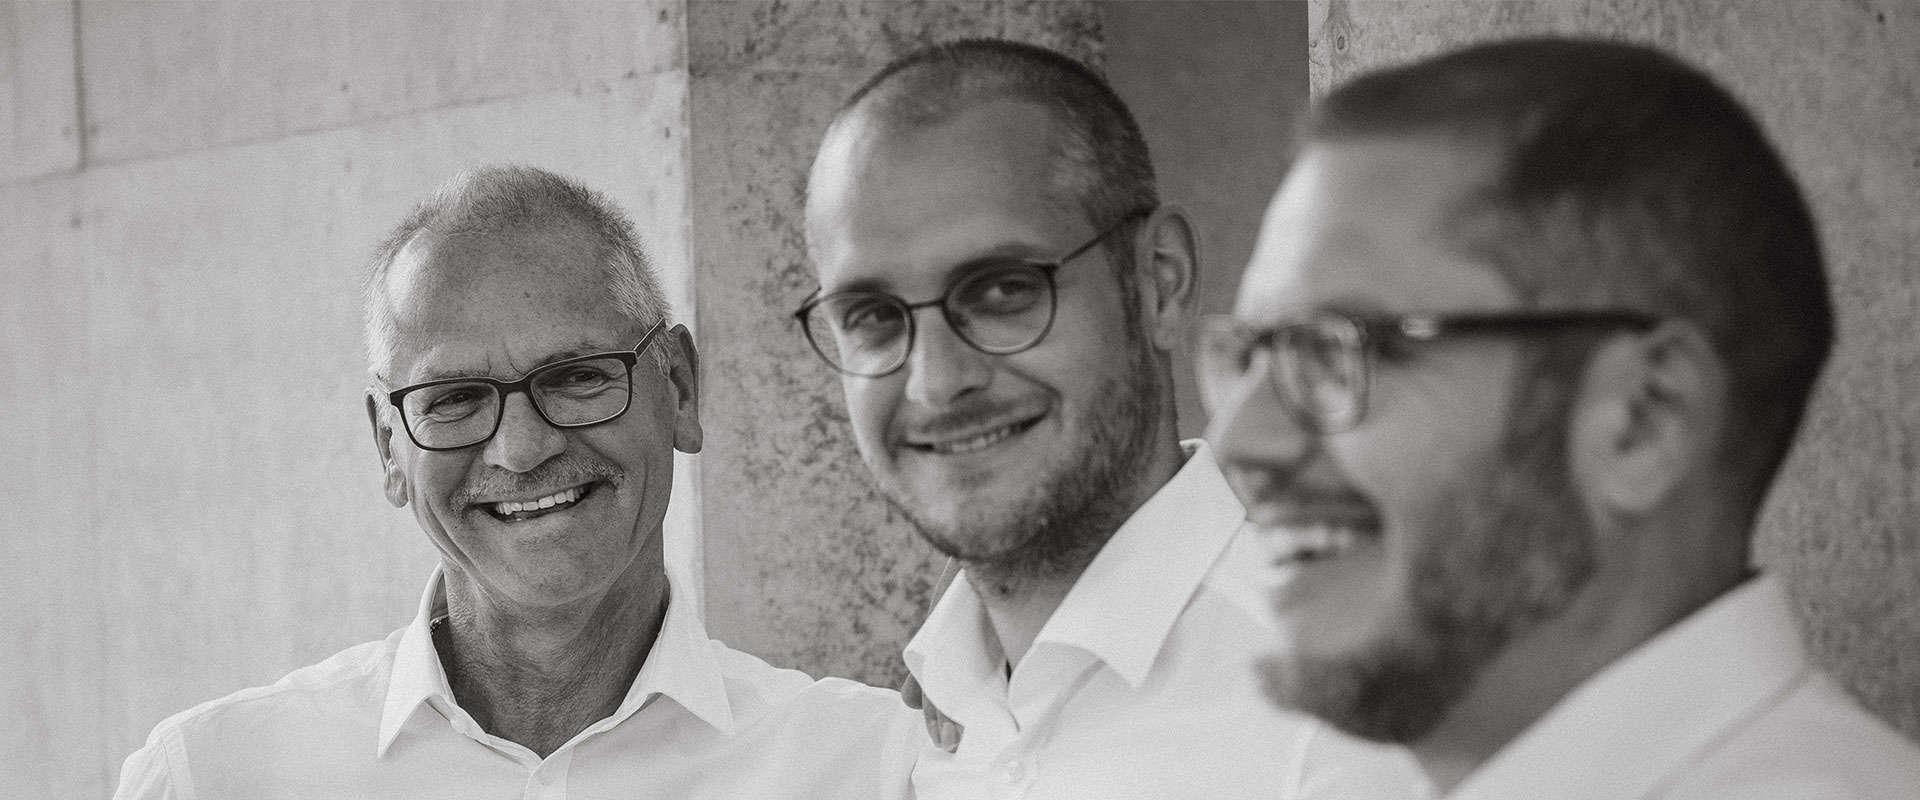 Steuerberatung Steuerkanzlei Hansmann + Partner Haslach im Kinzigtal